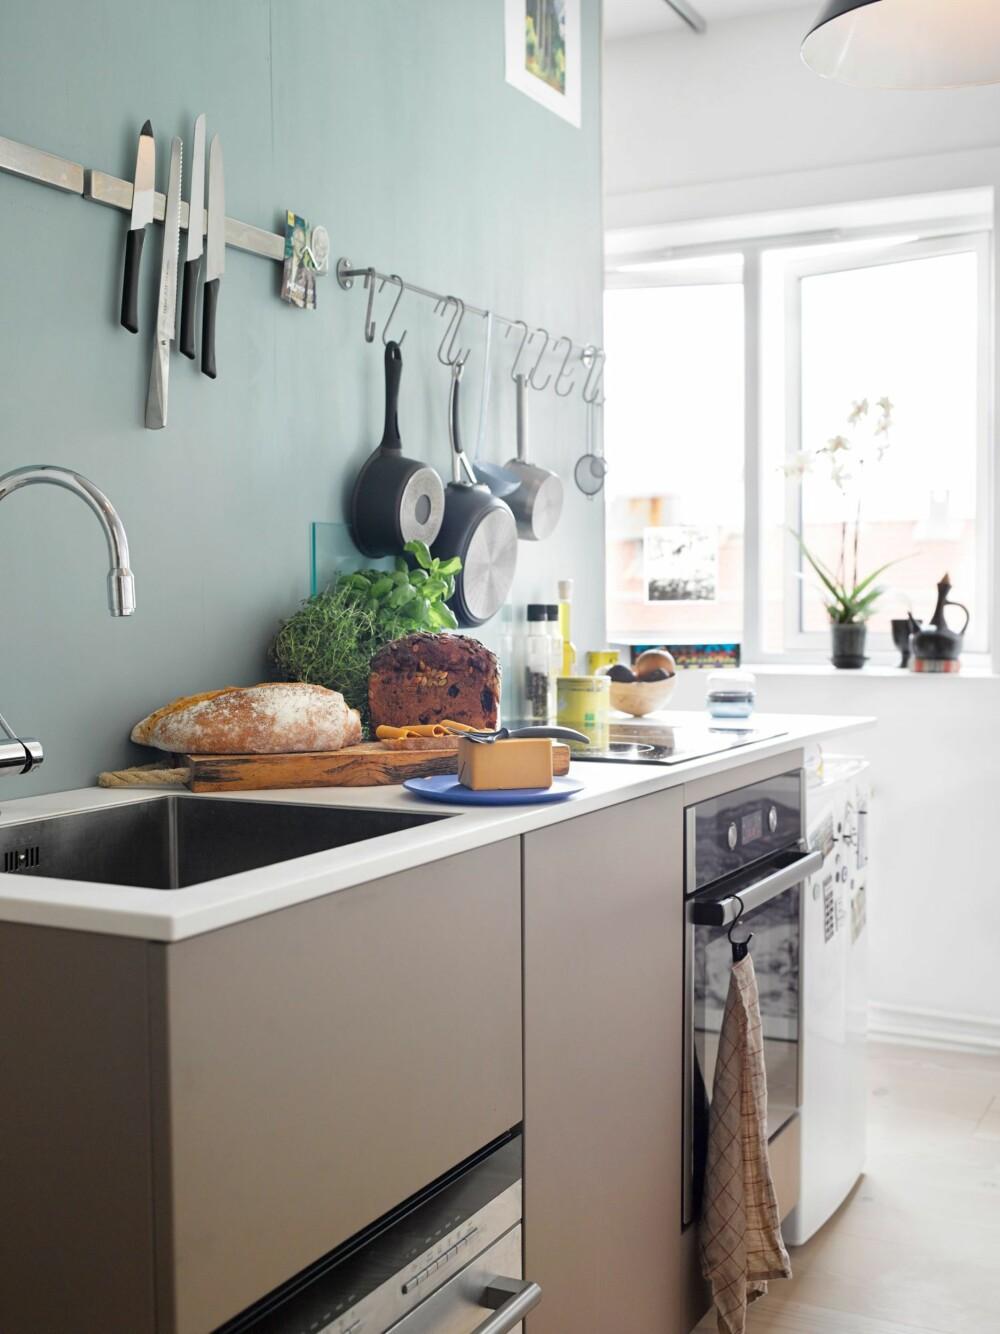 ENKELT: På kjøkkenet får familien enkelt tak i alt de trenger å få fatt på.